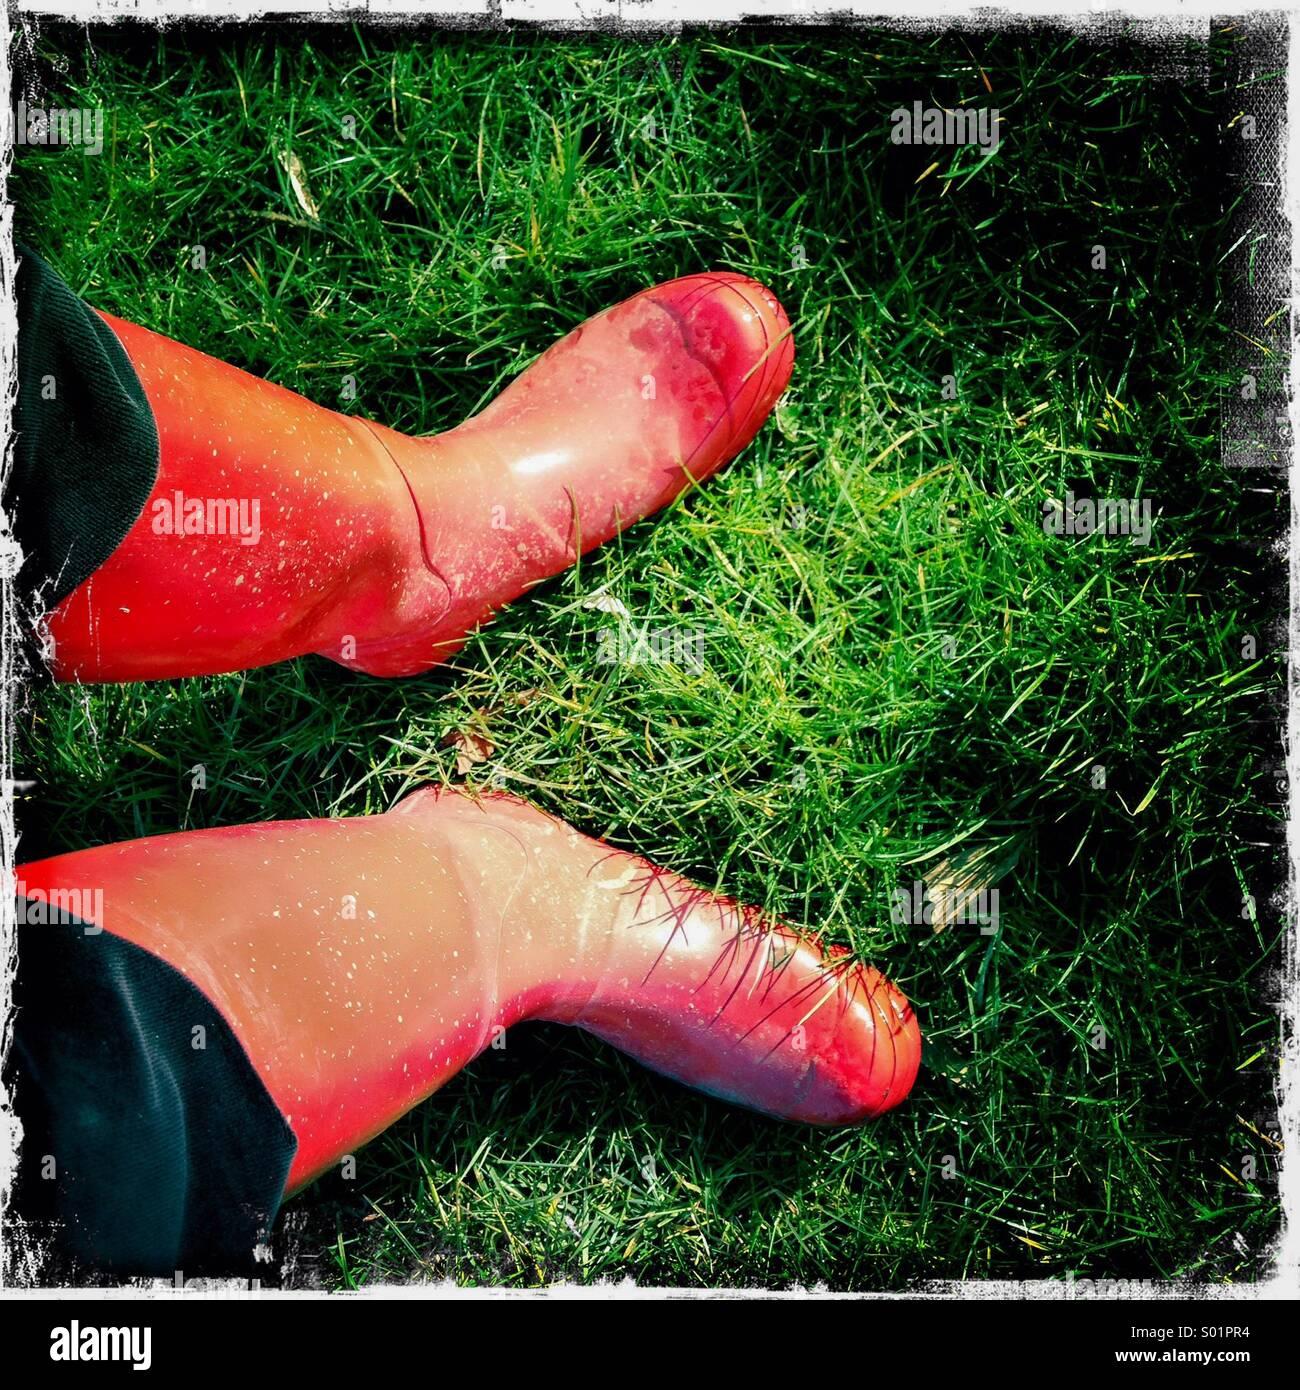 Rosso fango gli stivali da pioggia sul bagnato, imbevuto di erba. Hipstamatic iPhone. Immagini Stock